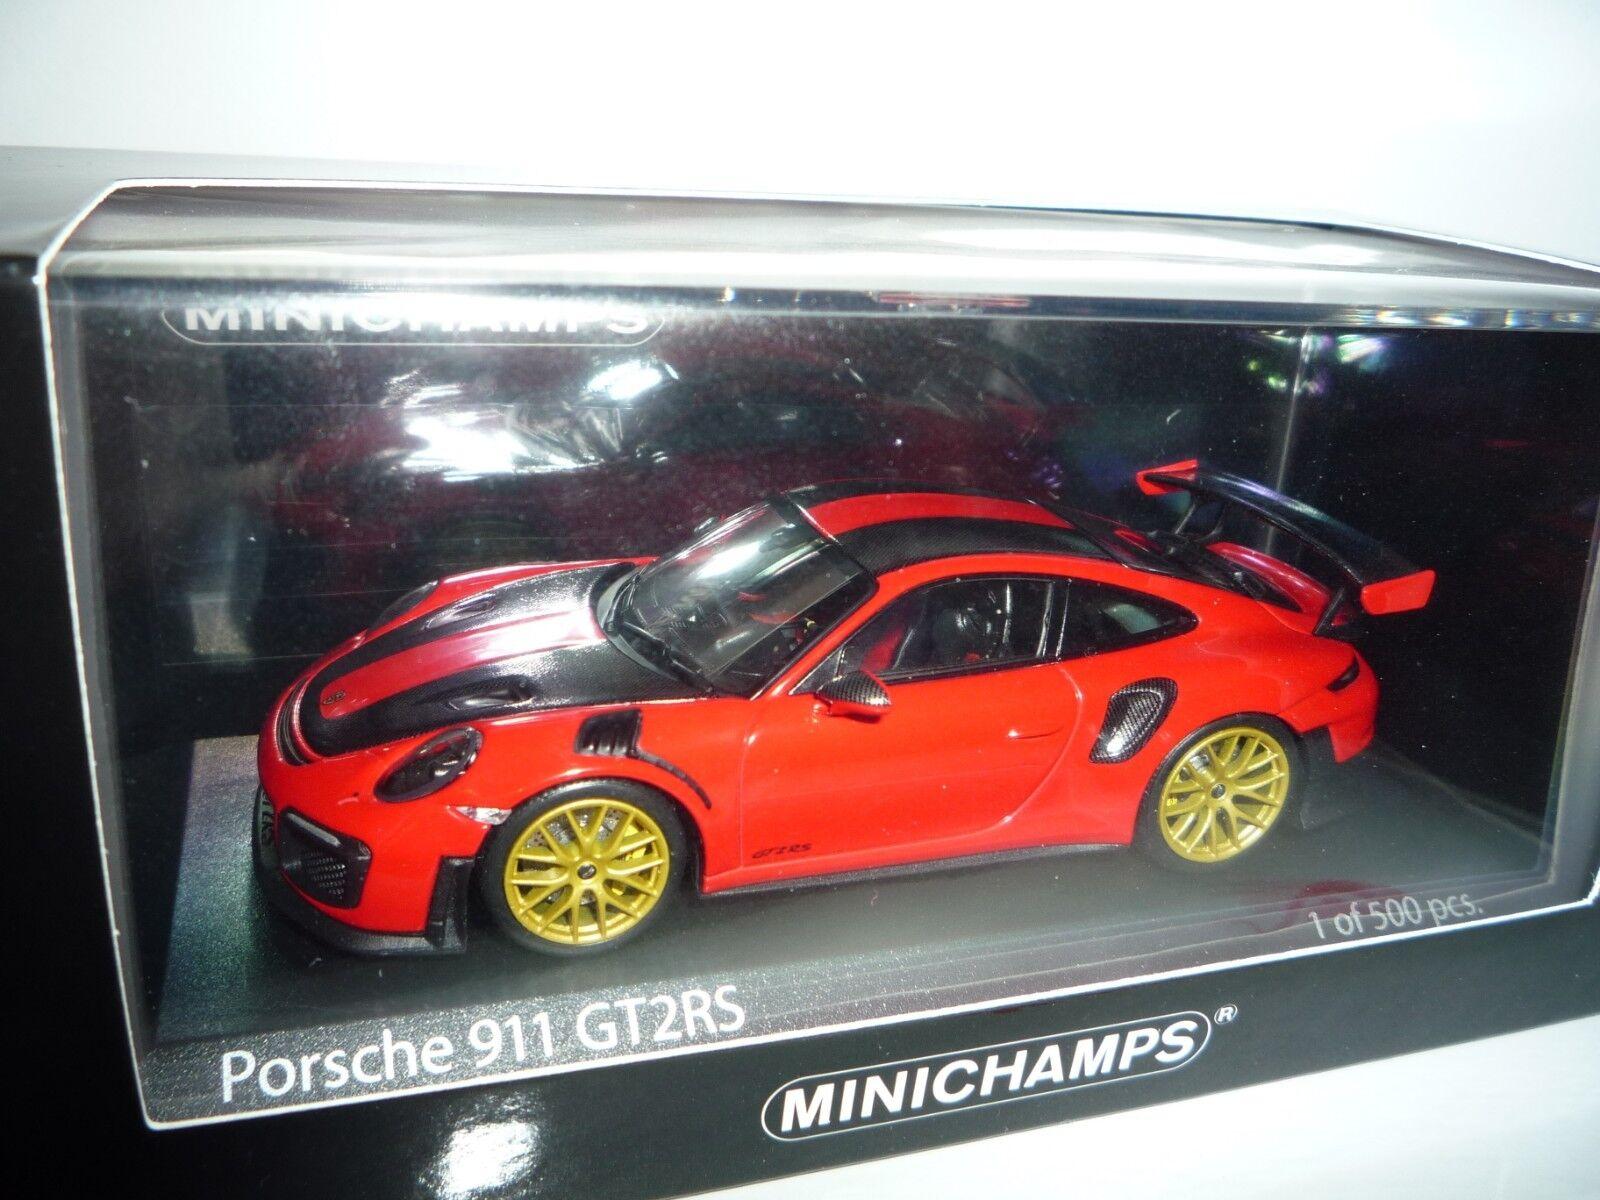 Porsche 911 gt2 rs 2018 Weissach Package lavaarancia 1 43 Minichamps 410067224